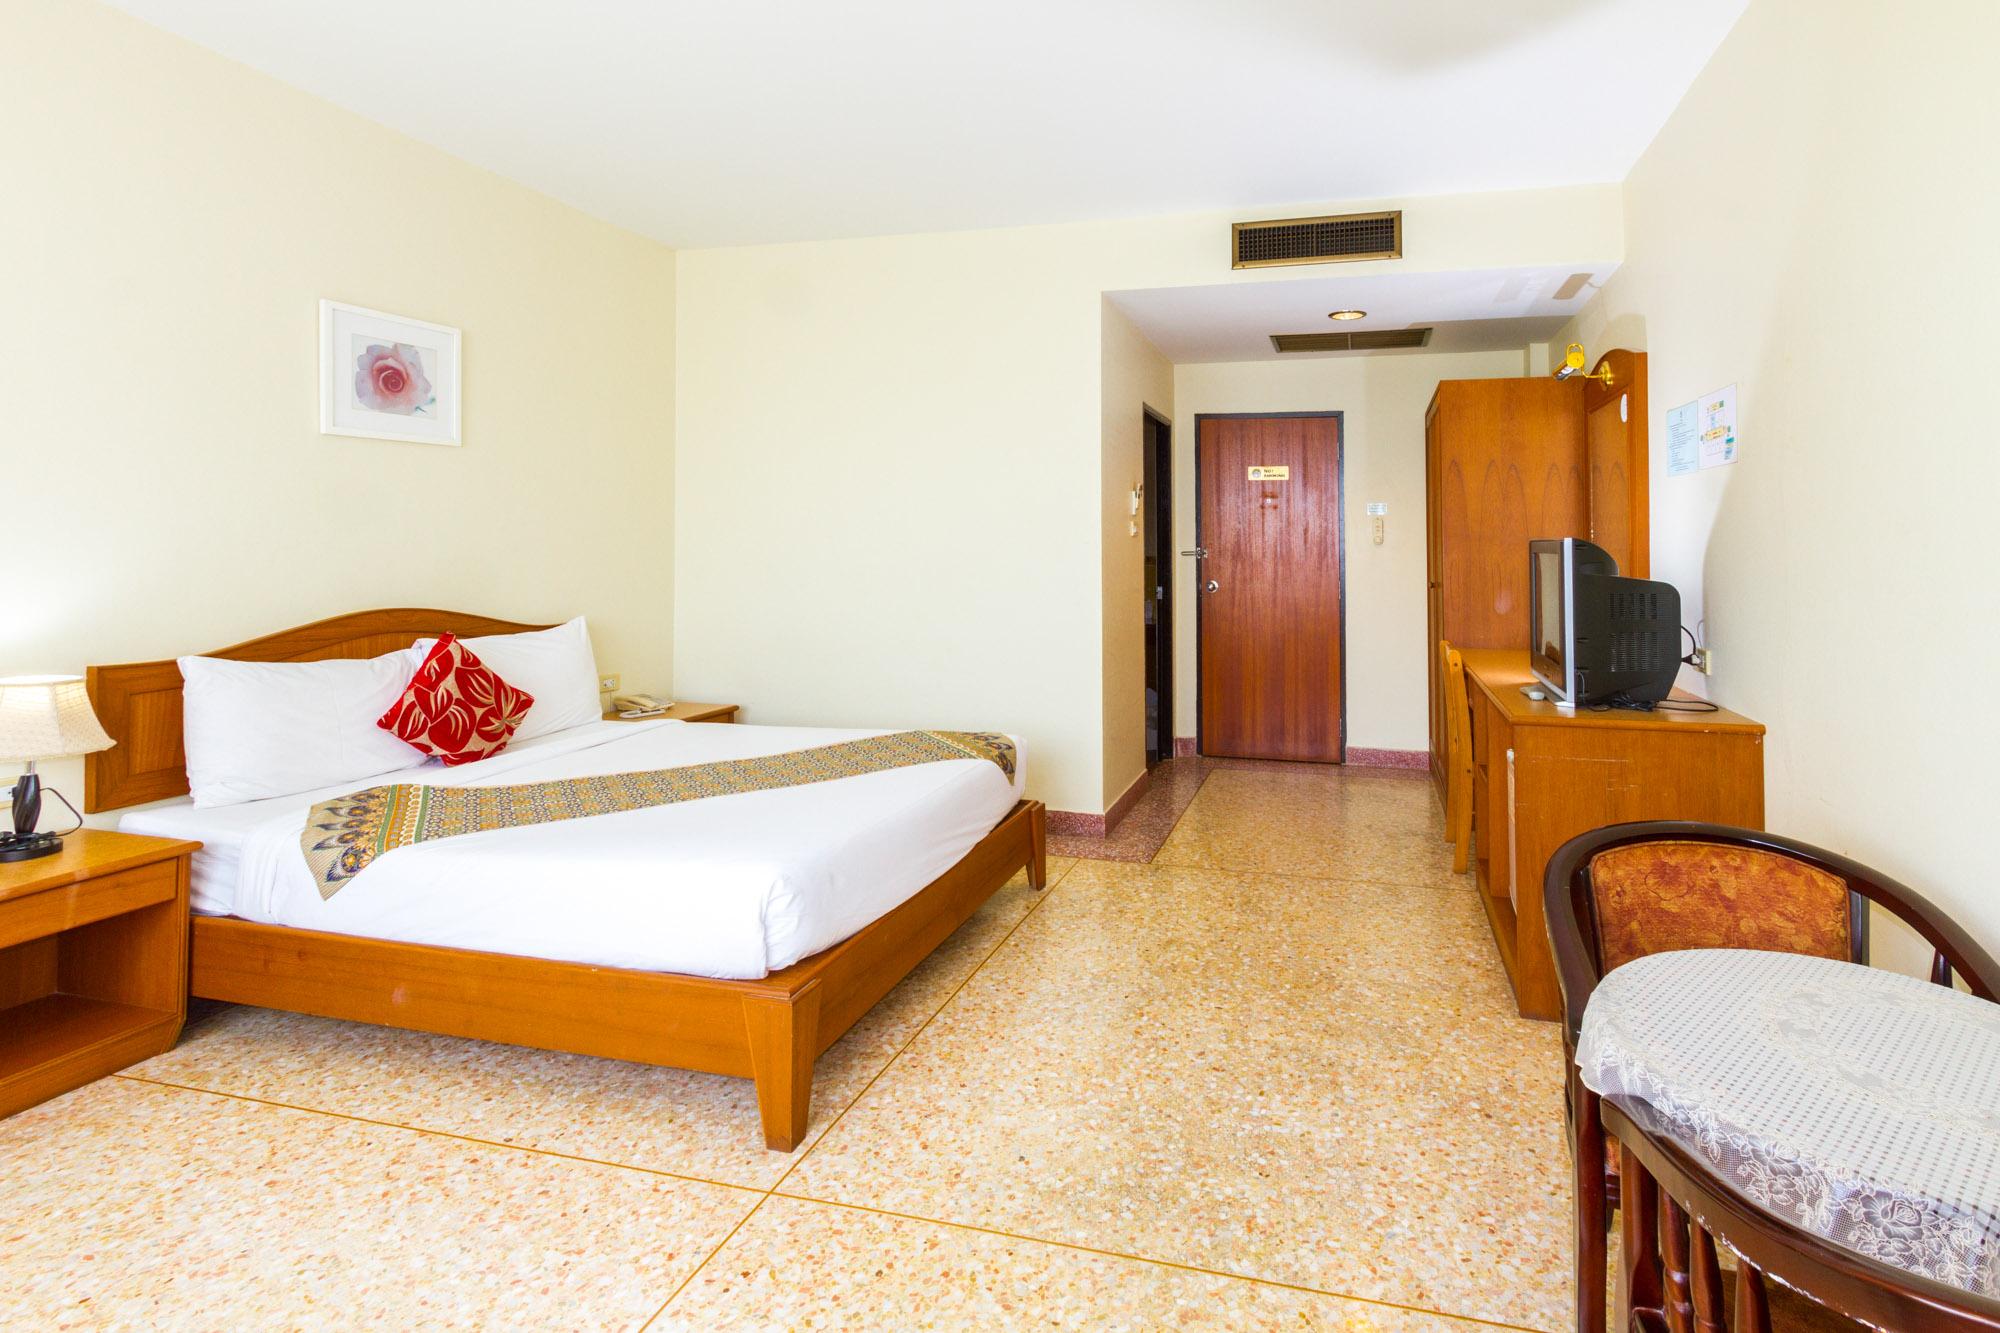 โรงแรมกระบี่เพชรไพลิน เมืองกระบี่  โรงแรมกระบี่เพชรไพลิน โฮเทล (Krabi Phetpailin Hotel) Halal IMG 0191